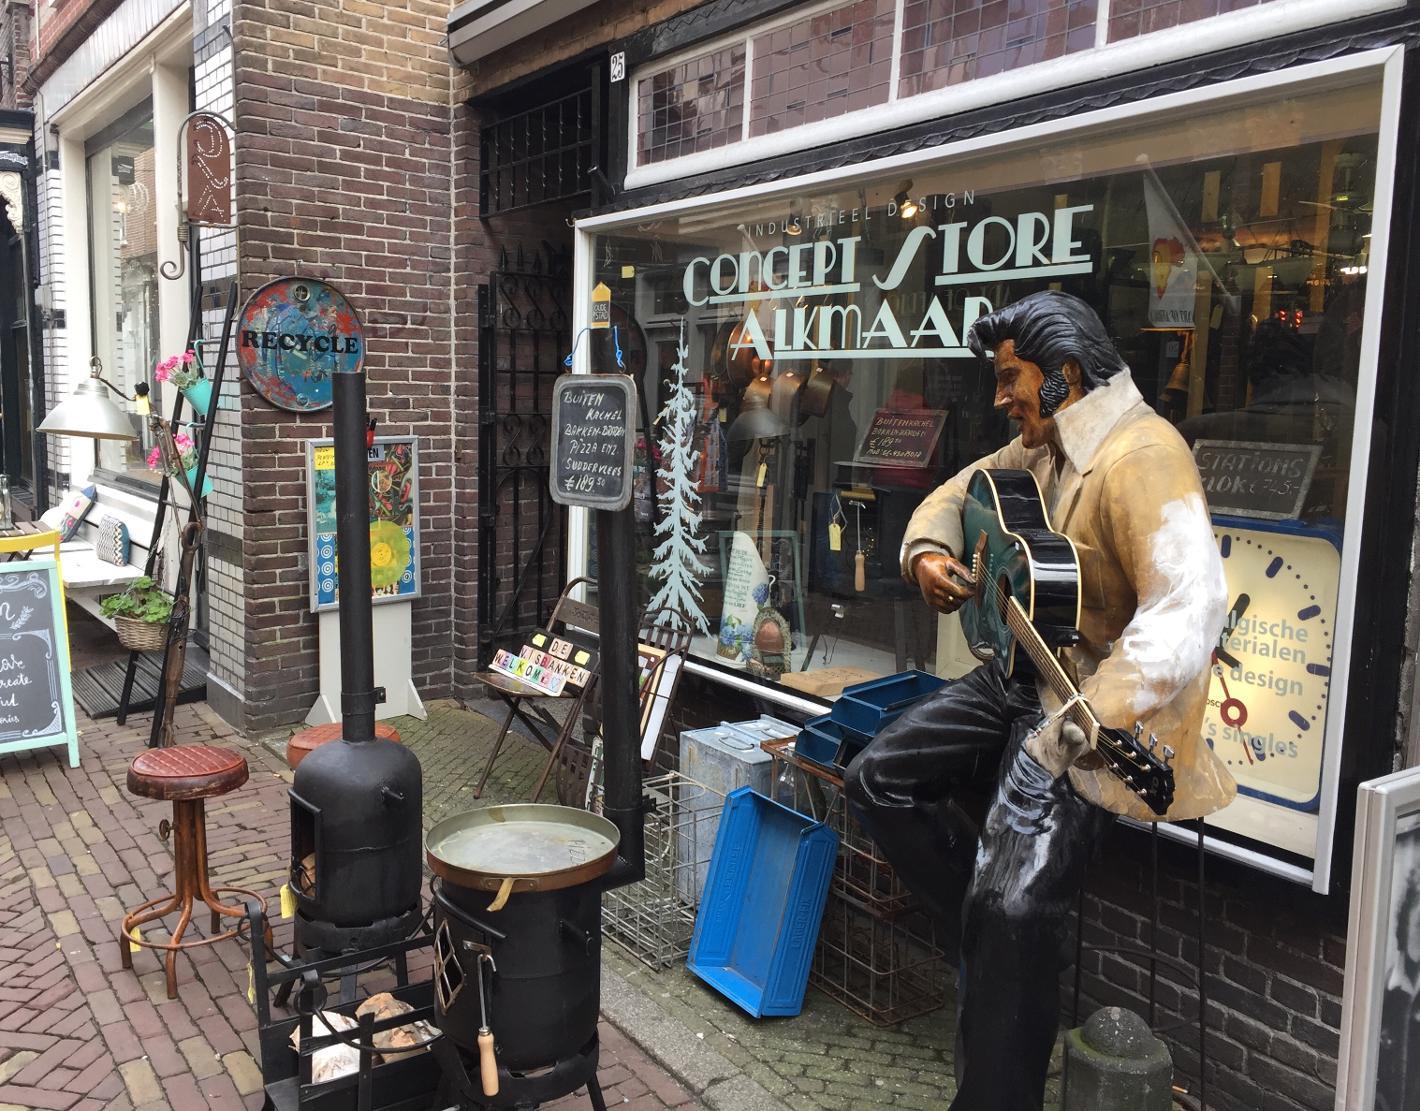 Wonen Alkmaar Concept Store Alkmaar